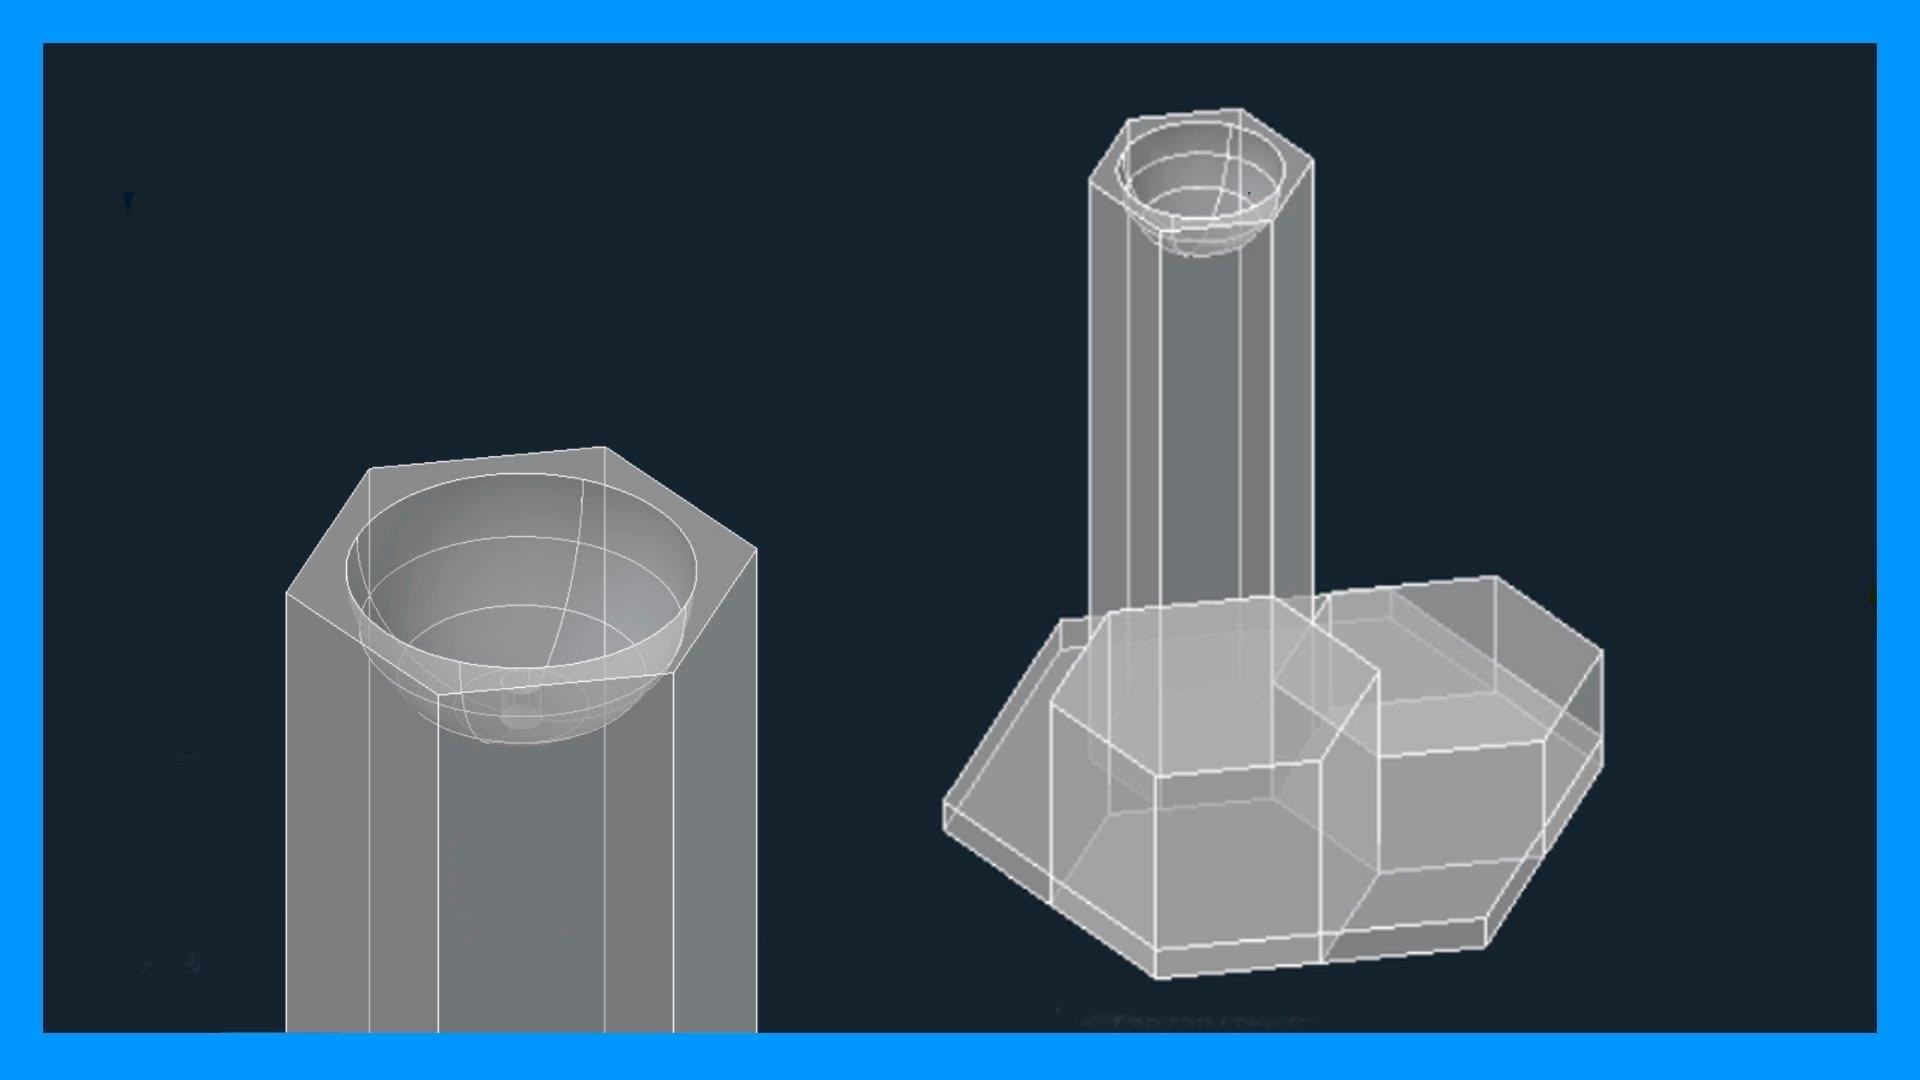 fuente 3D en autocad paso a paso.